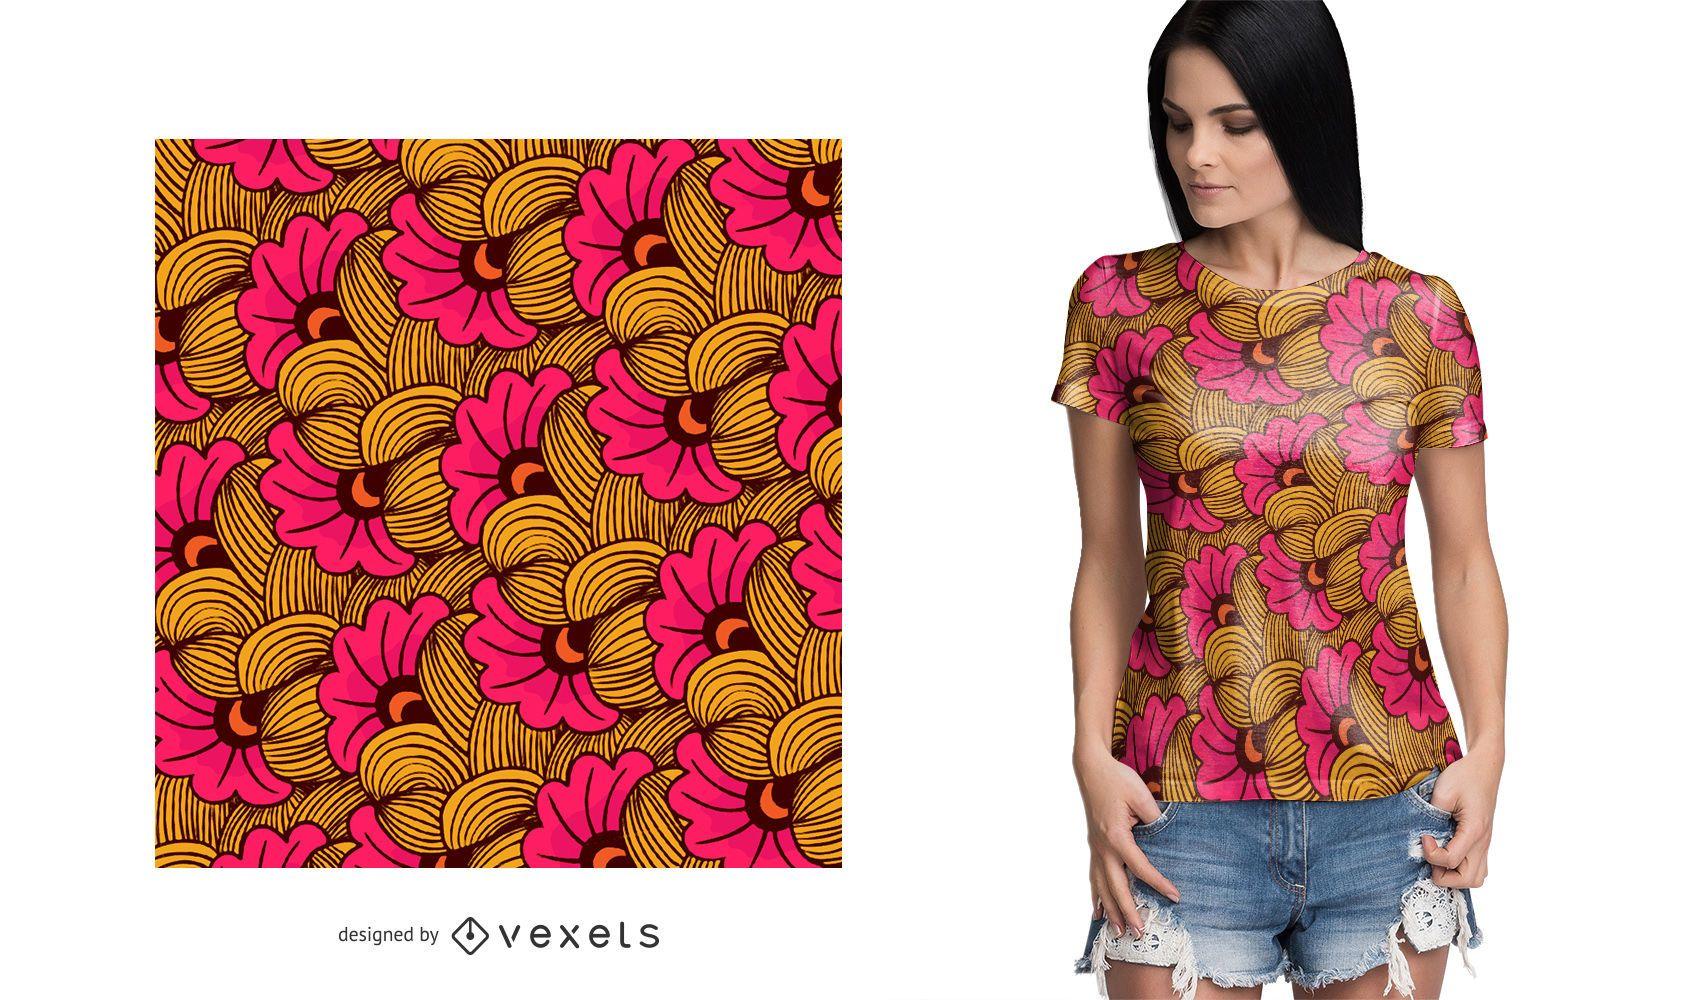 Patrón africano floral colorido